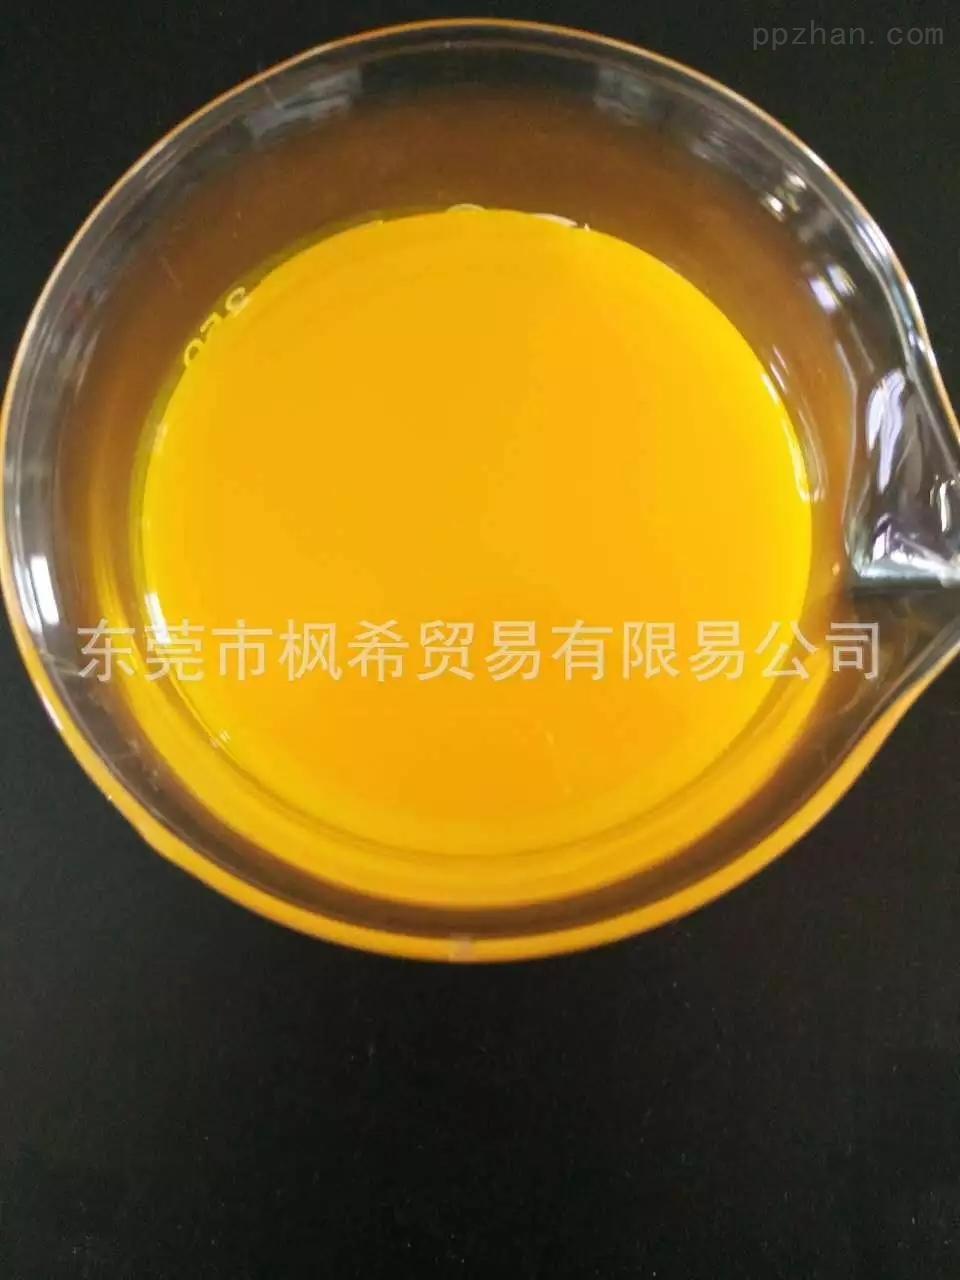 东莞枫希批发陶瓷油墨助剂耐高温可剥黄胶 可烘烤可自干电镀黄胶FX-S8